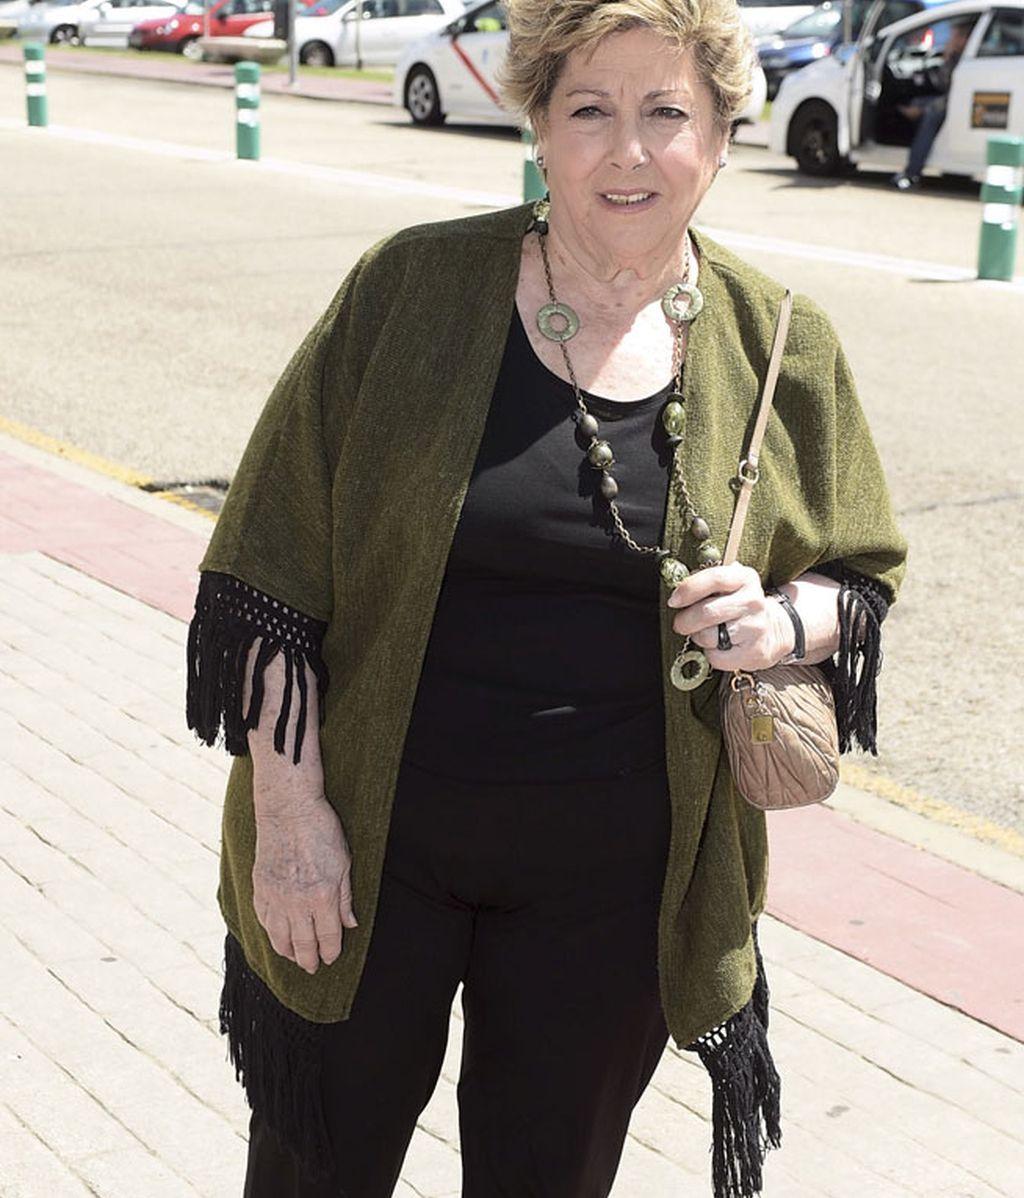 La periodista Paloma Gómez Borrero